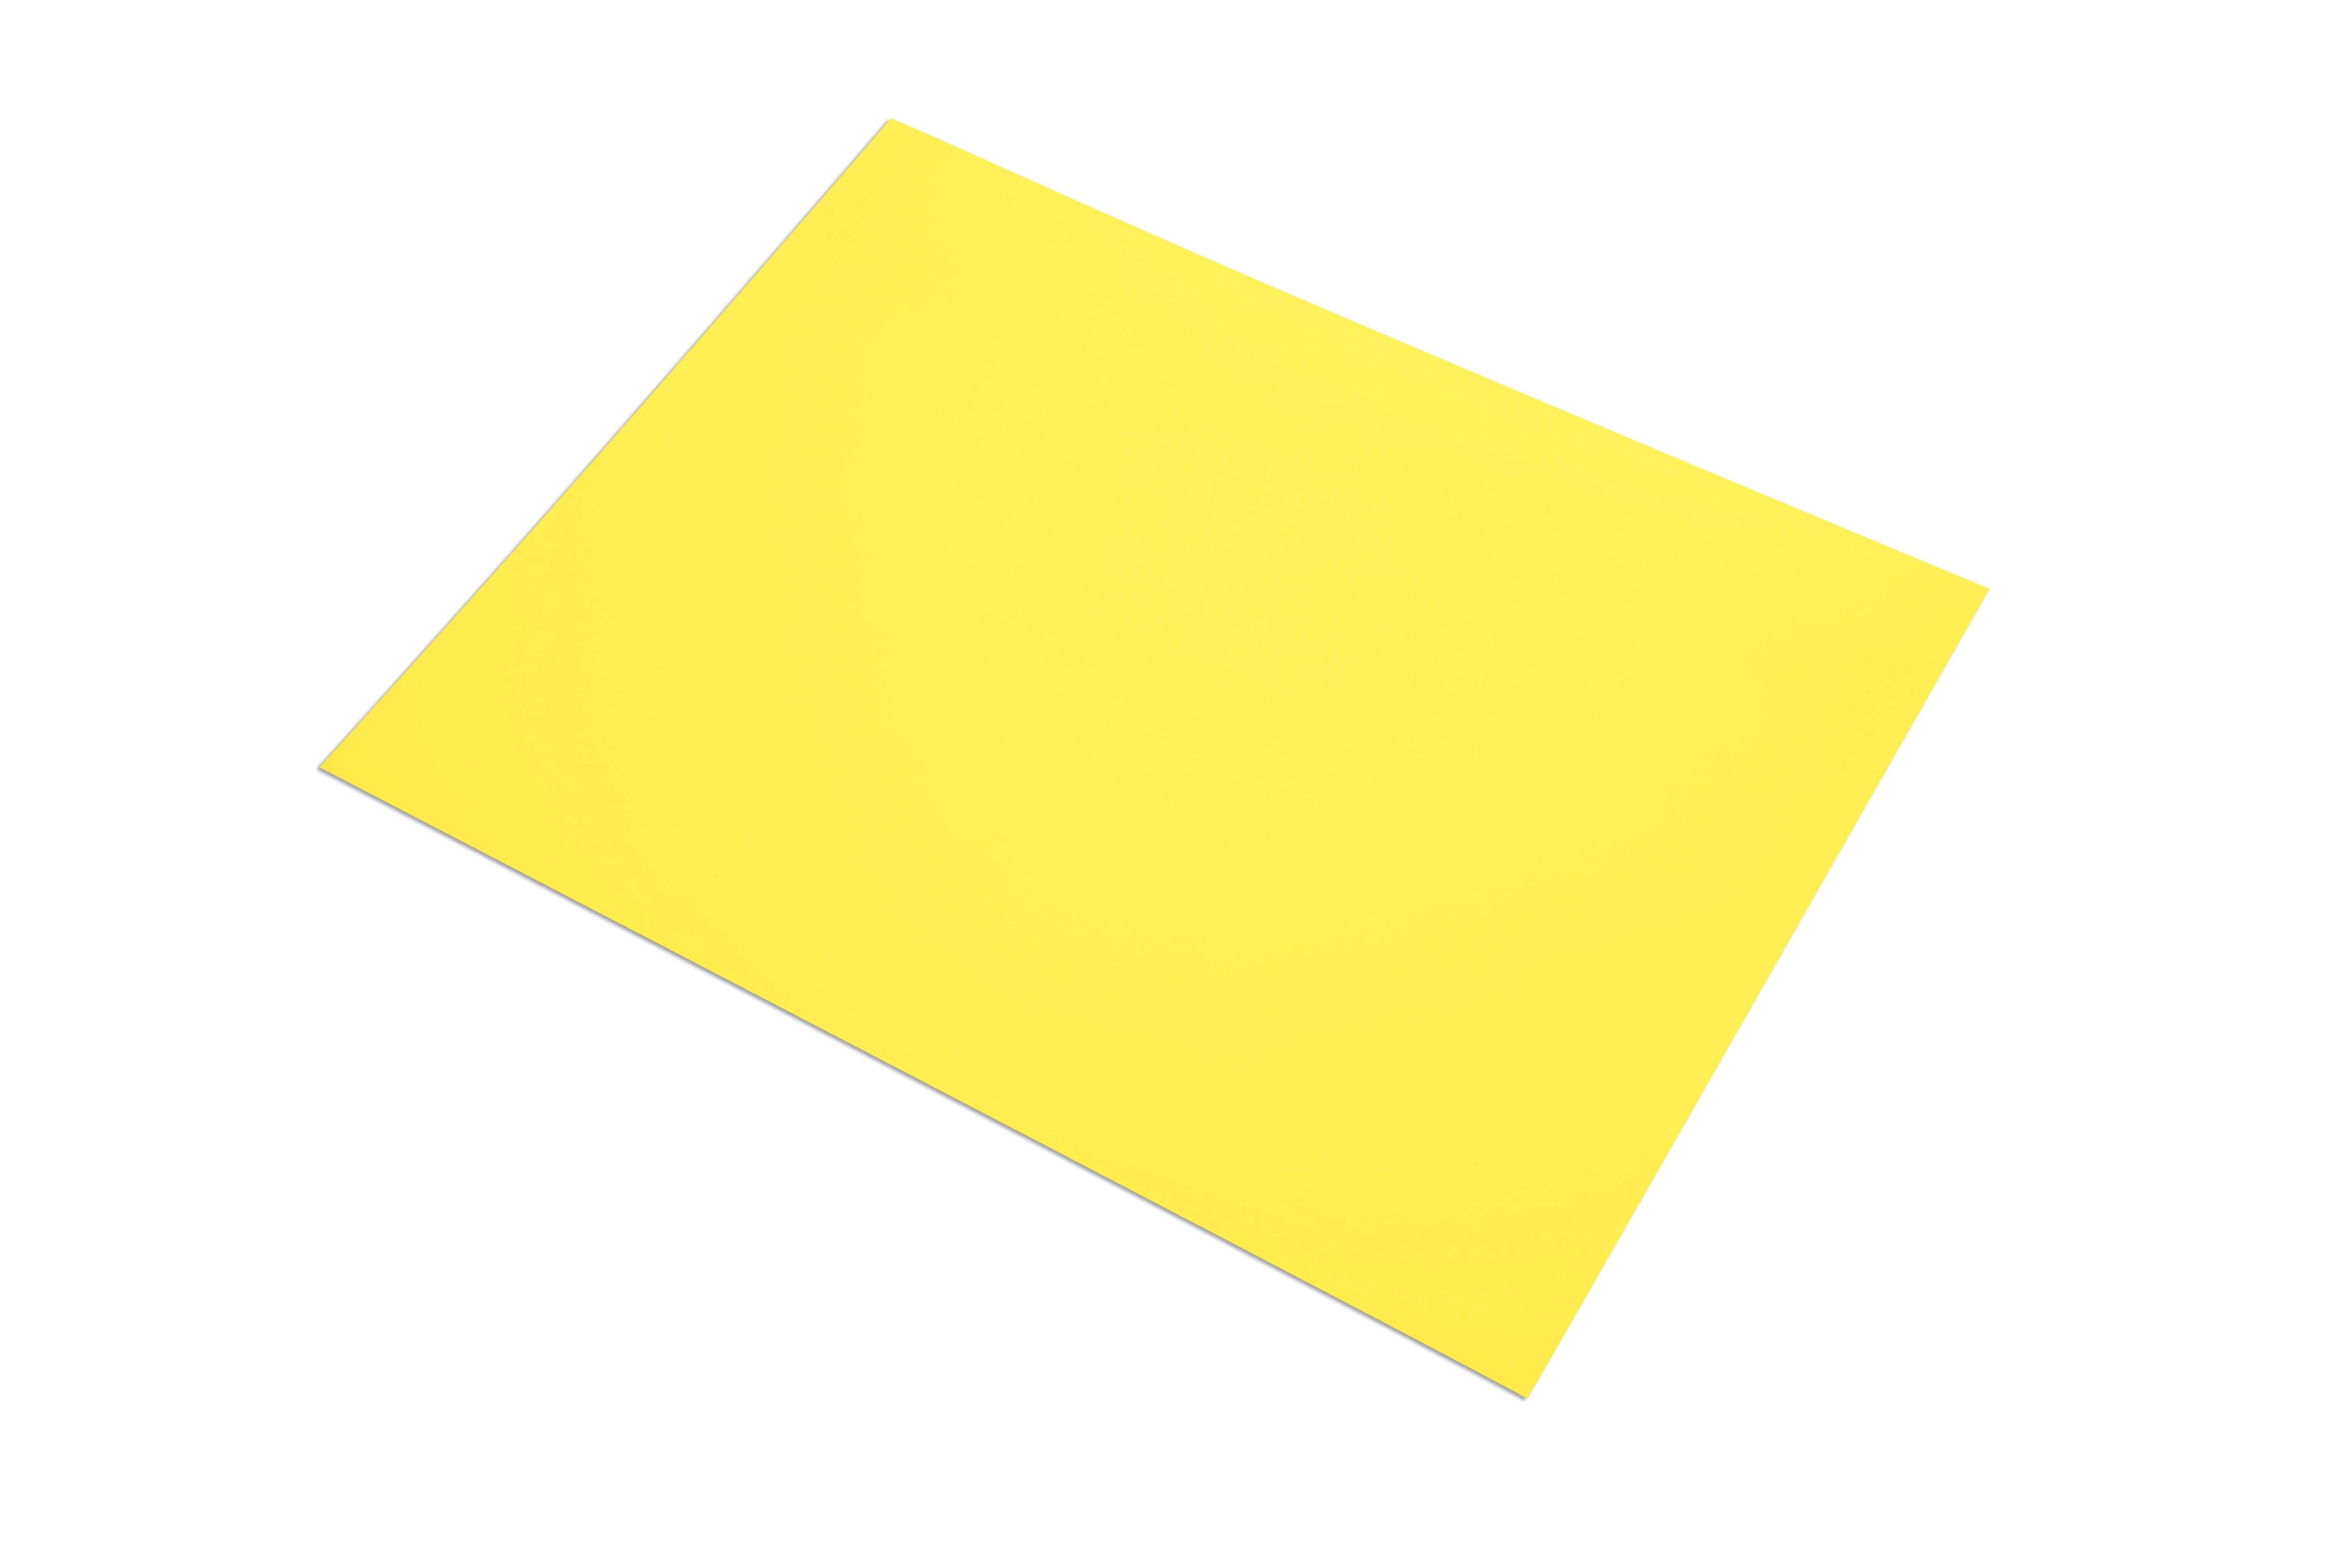 Купить Бумага цветная Sadipal Sirio А4 240 г Желтый канареечный, Испания